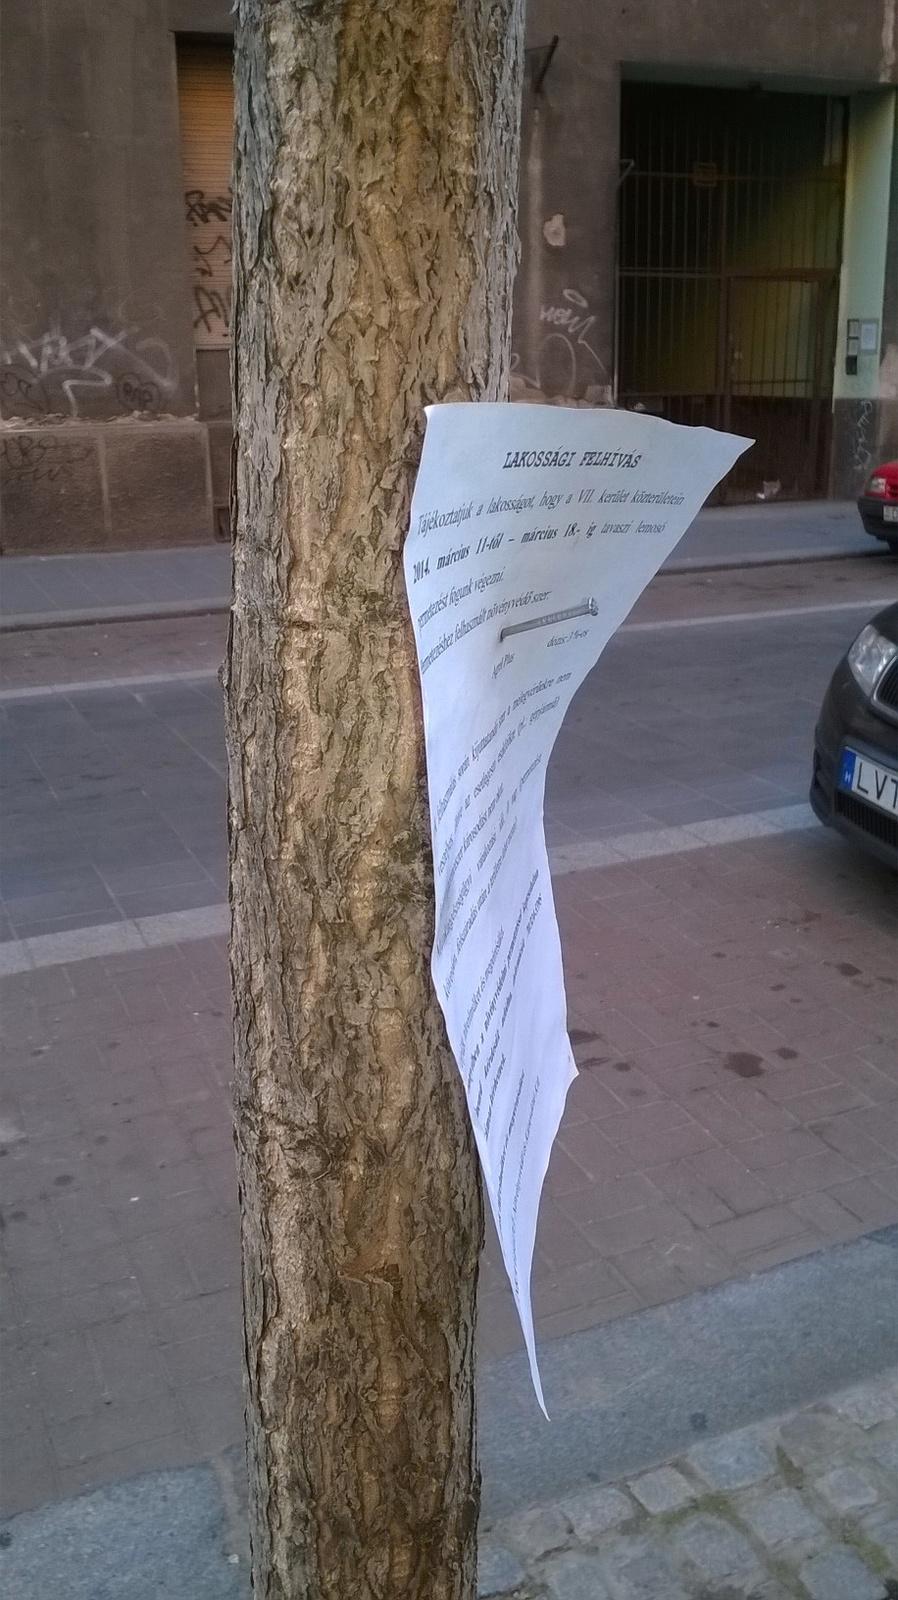 Növényvédelem a Dob utcában - fotó: Ádám